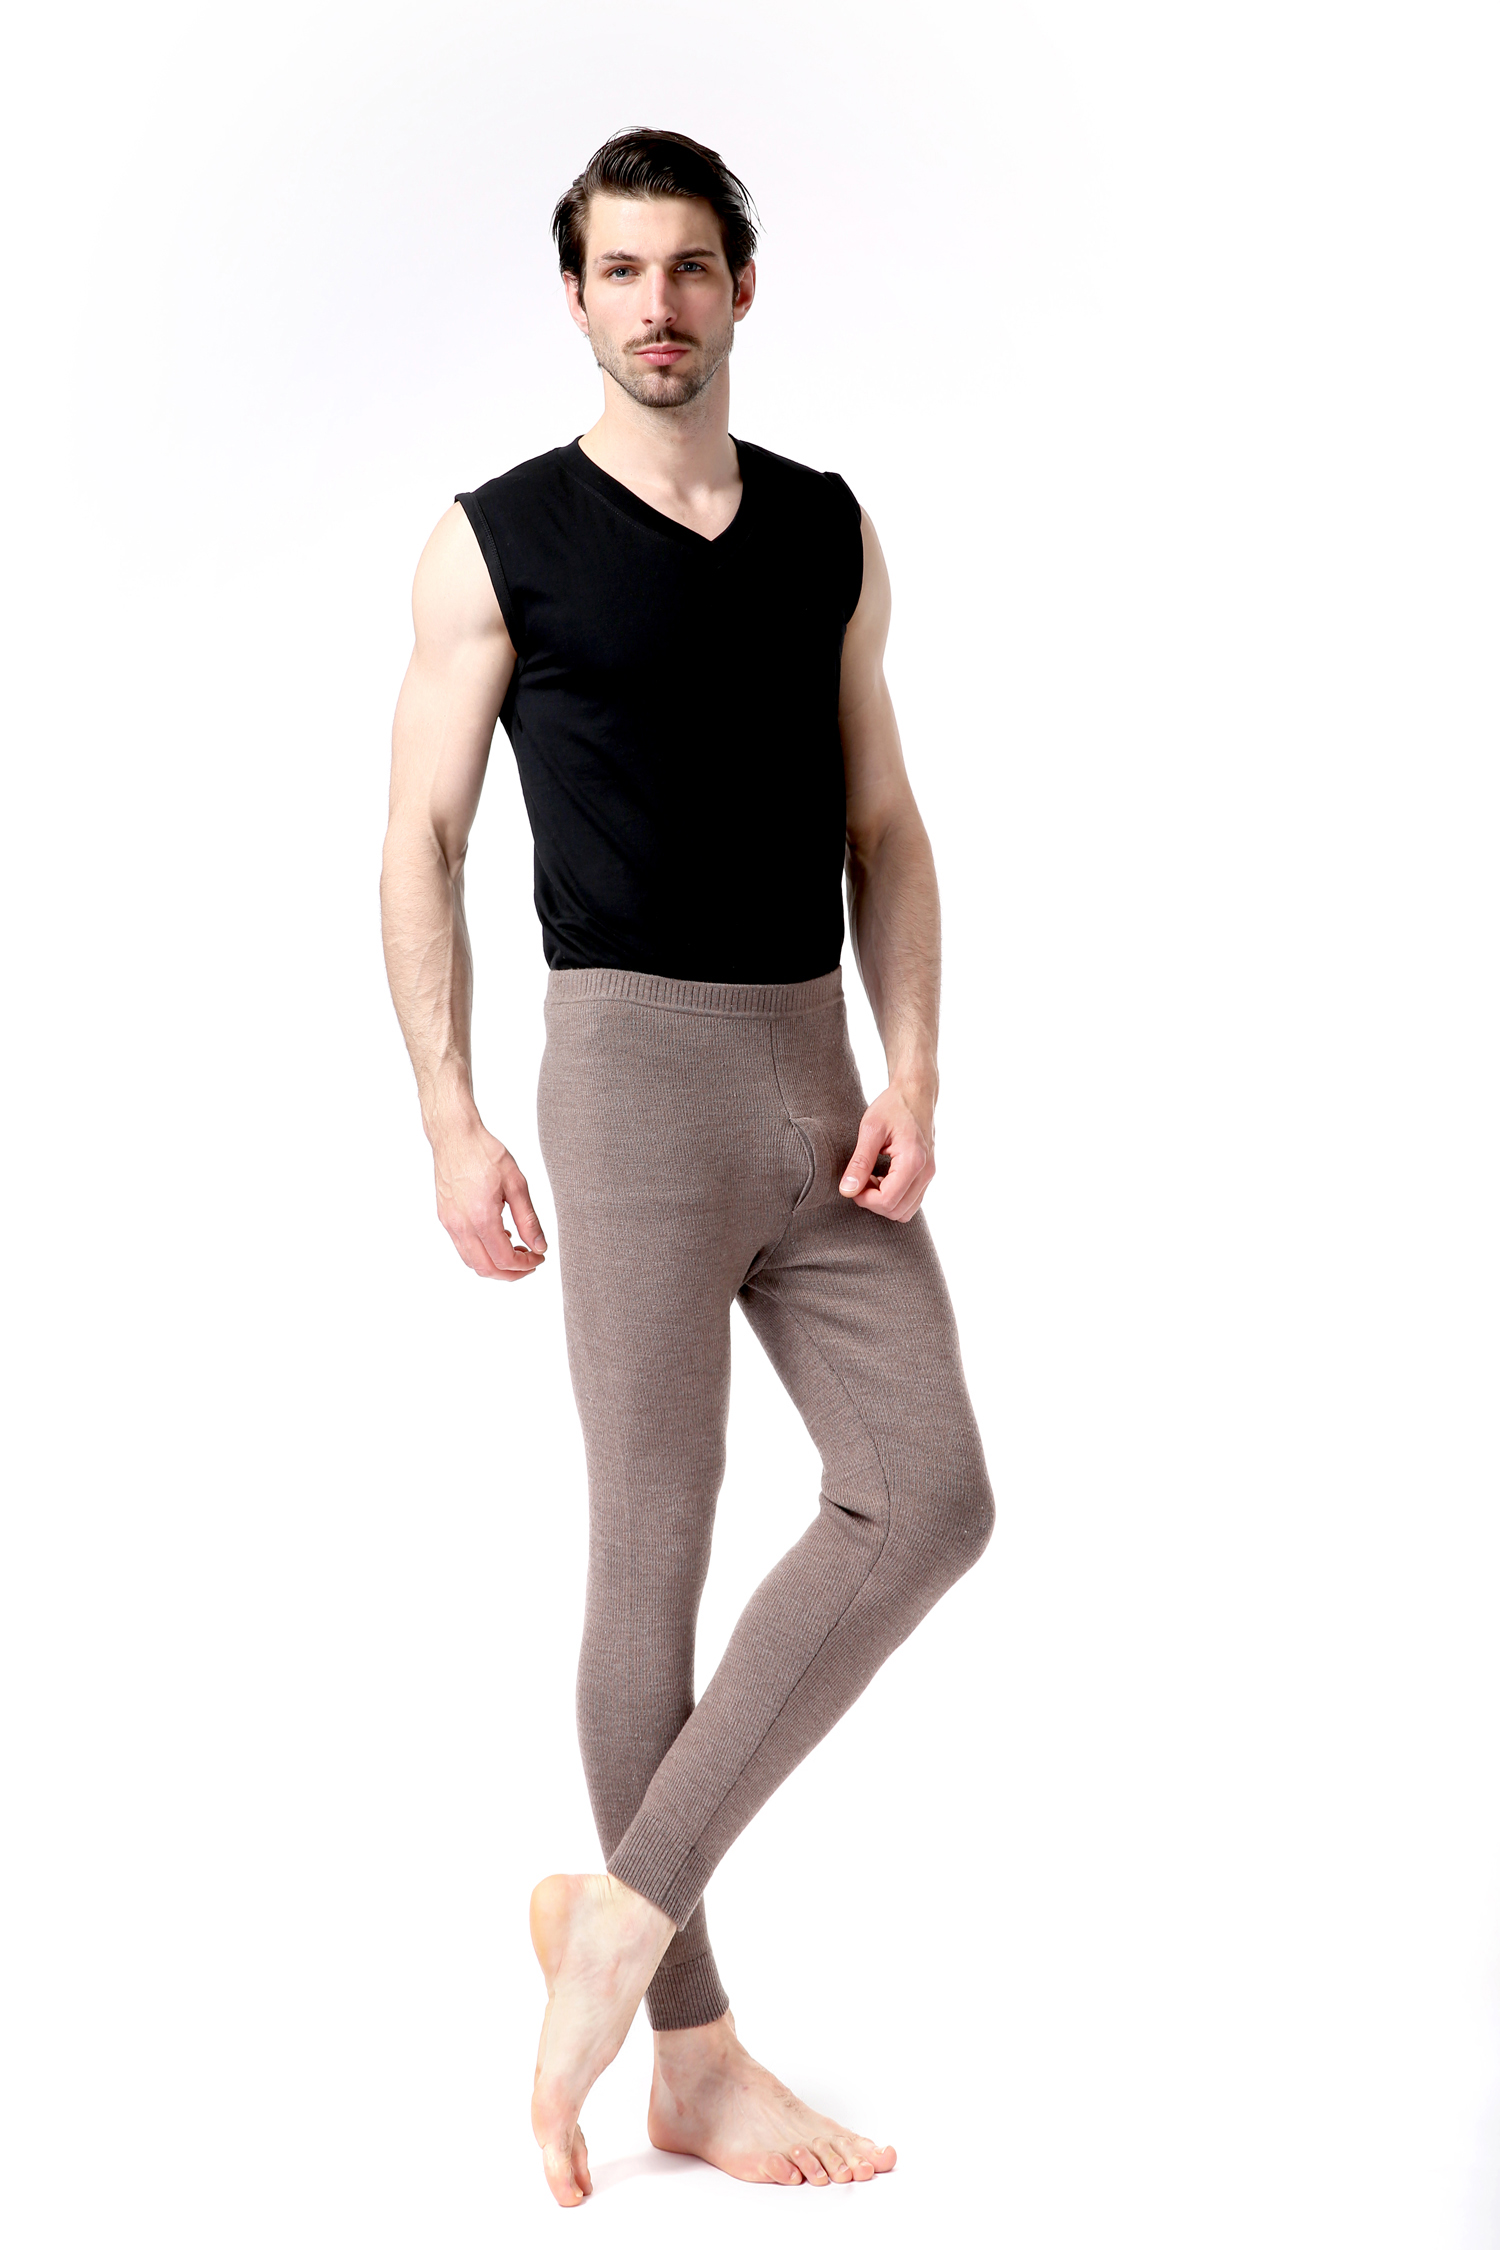 优惠的打底裤_最优惠的都兰诺斯澳毛男抽条裤要到哪儿买